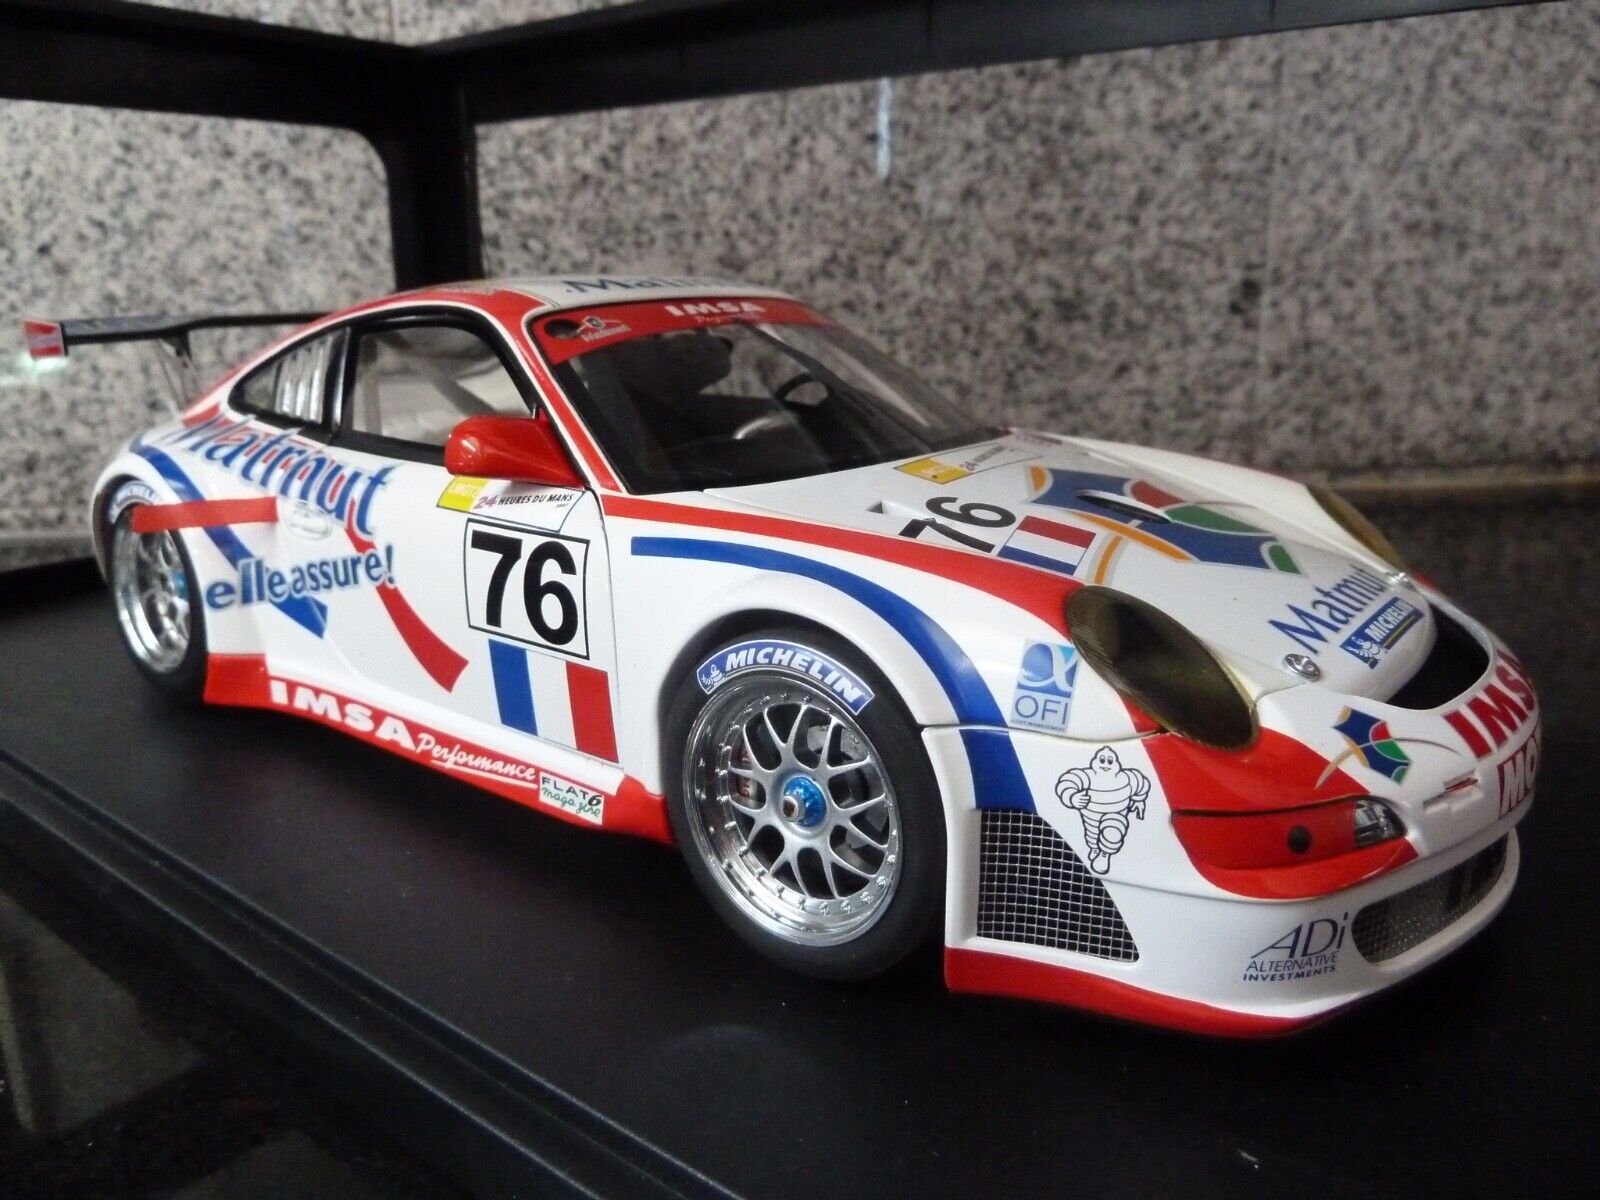 el mas de moda 1 18 Autoart, Porsche 911 (997) gt3 rsr, Lemans gt2 gt2 gt2 class winner 2007  Precio al por mayor y calidad confiable.